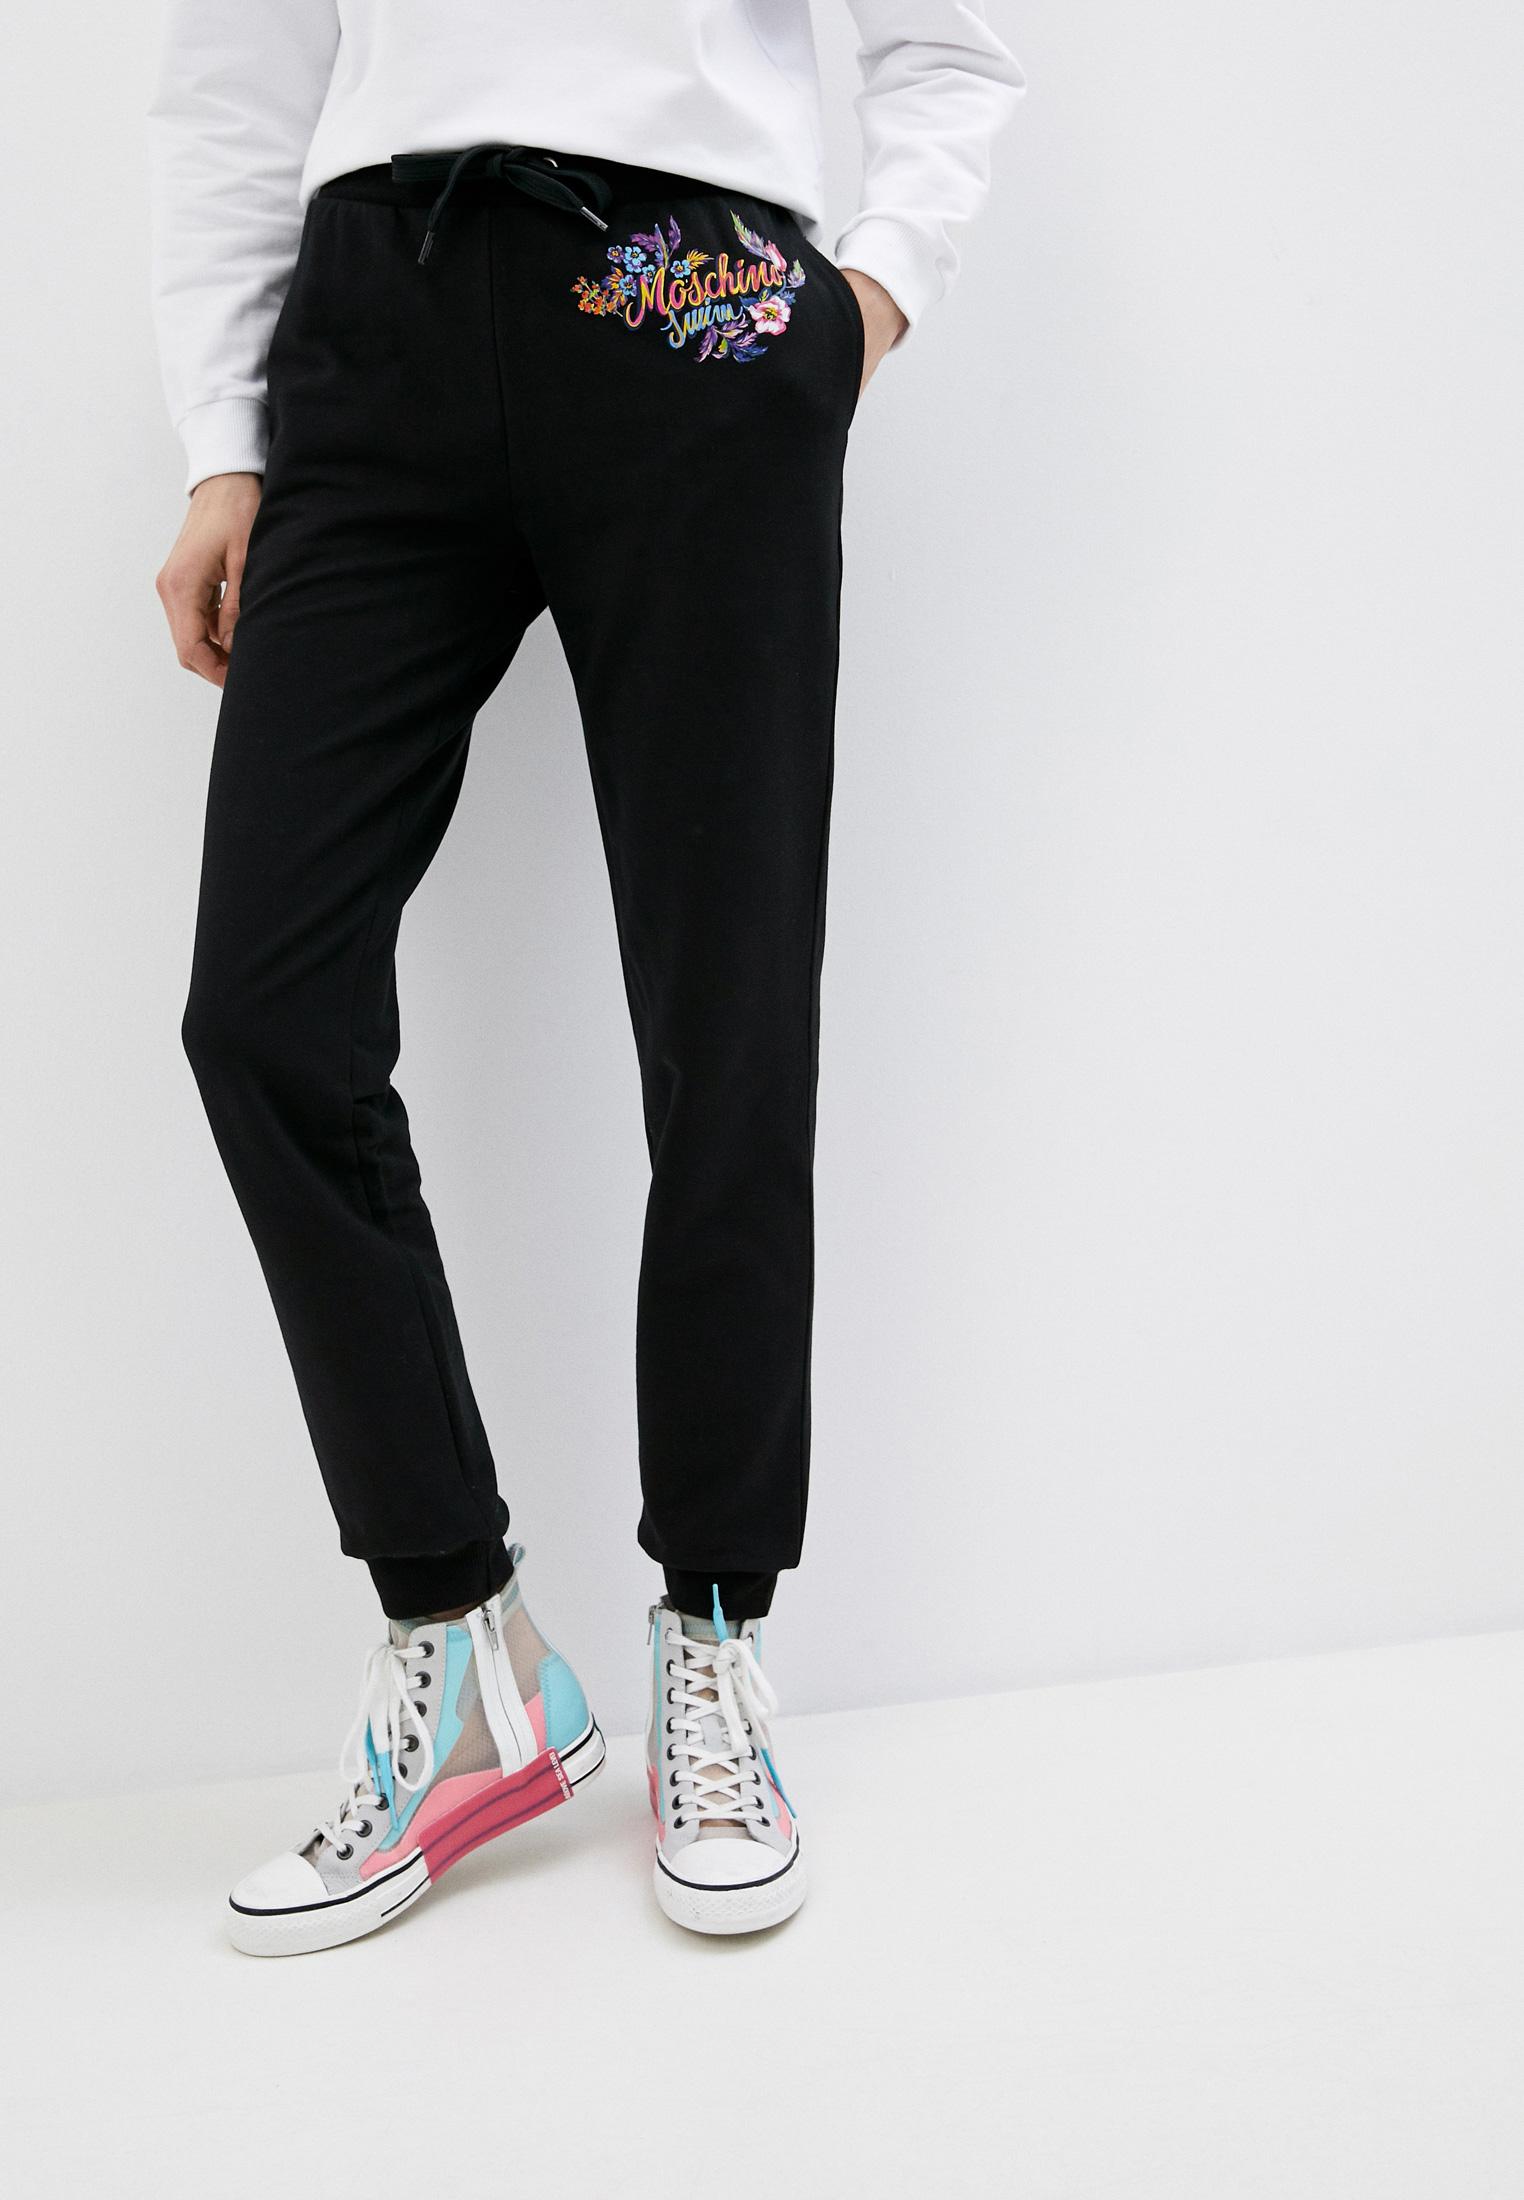 Женские спортивные брюки Moschino swim 6704 2117: изображение 1